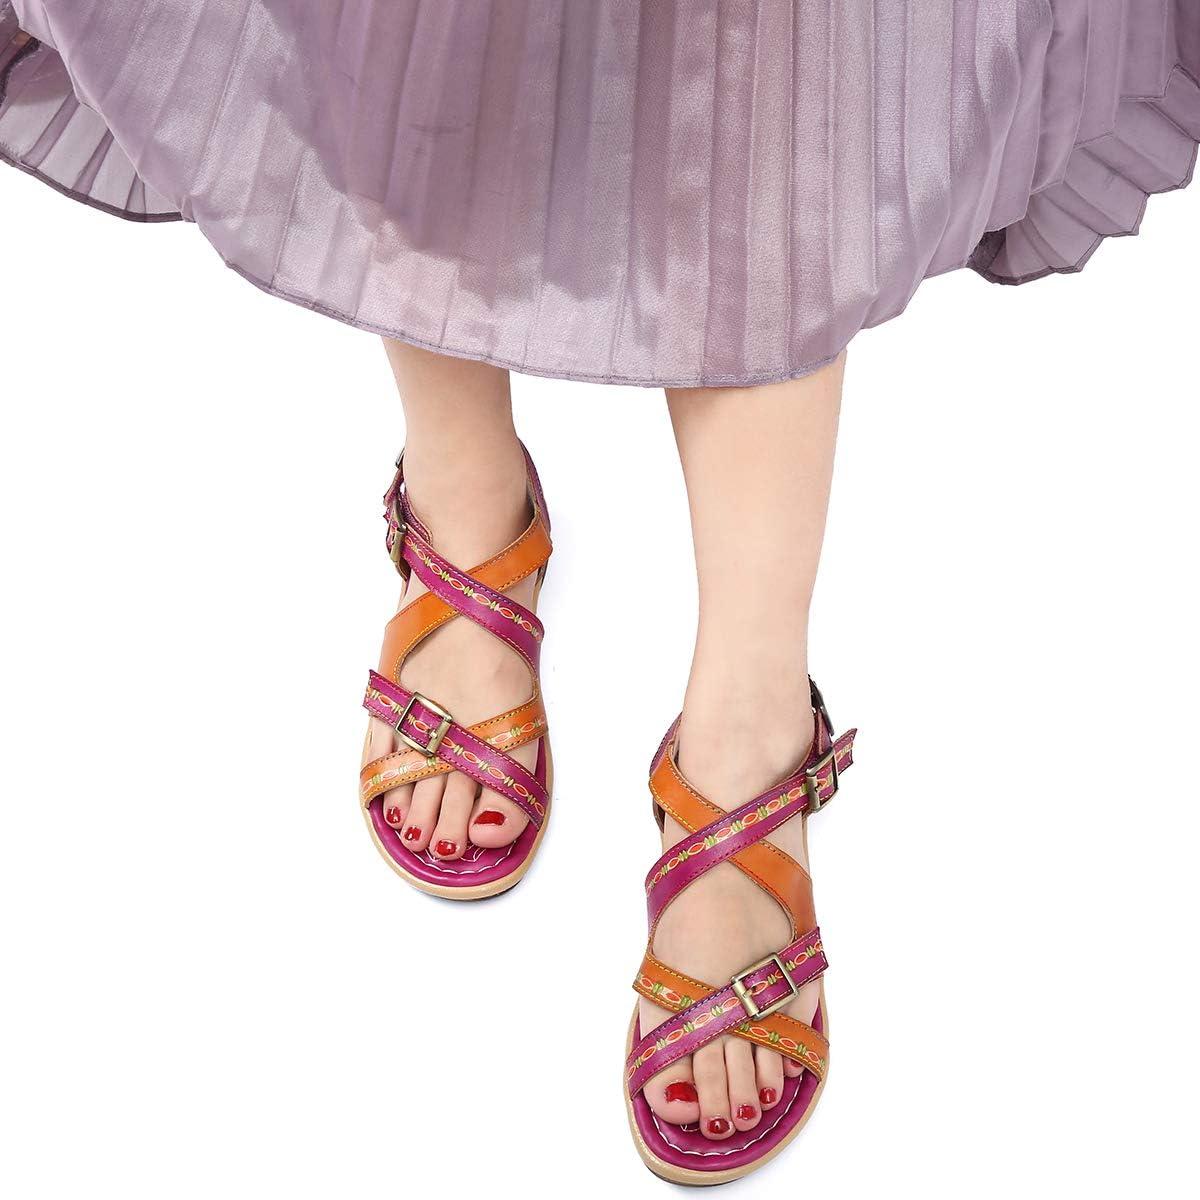 Chaussures /Ét/é /à Talons Plats Semelle Confortable Sandales de Randonn/ée Marche R/églable /à Scratch pour Pieds Larges Marron Bleu gracosy Sandales Cuir Femmes Plates